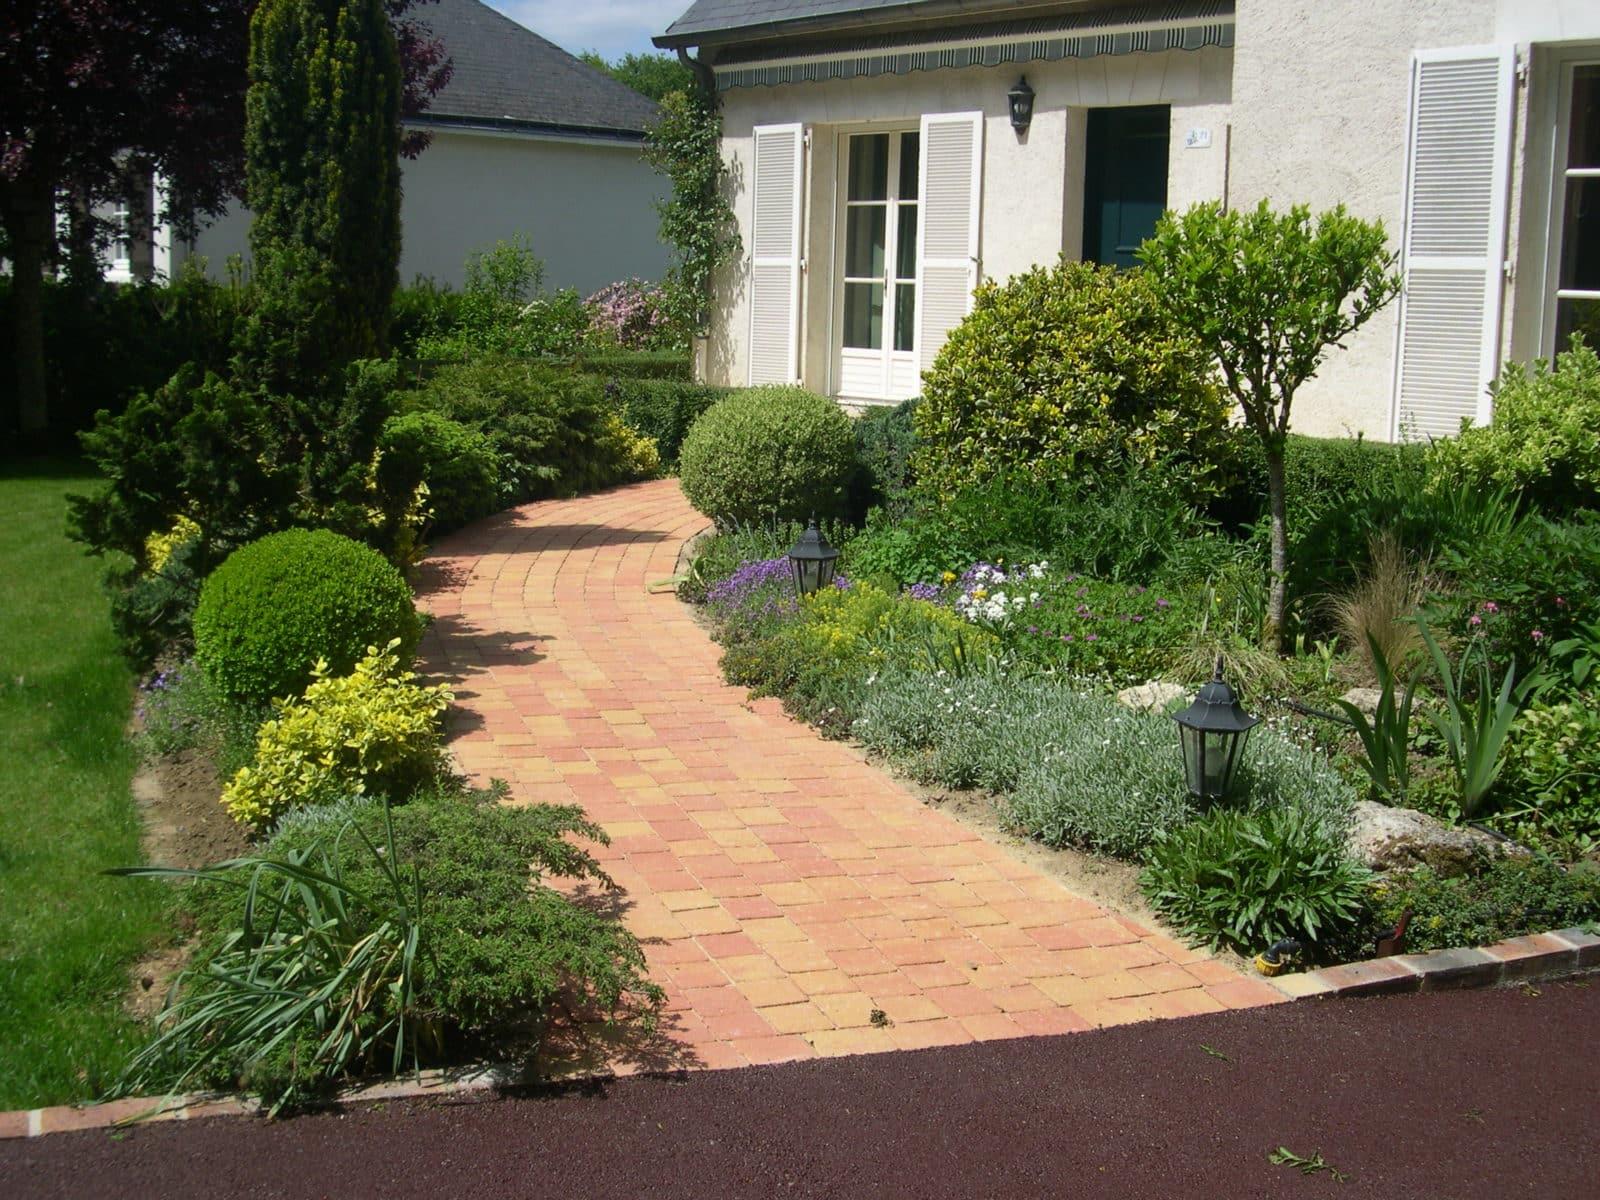 Aménagement Extérieur Entrée Maison aménagement d'allée extérieure (maison, jardin, garage